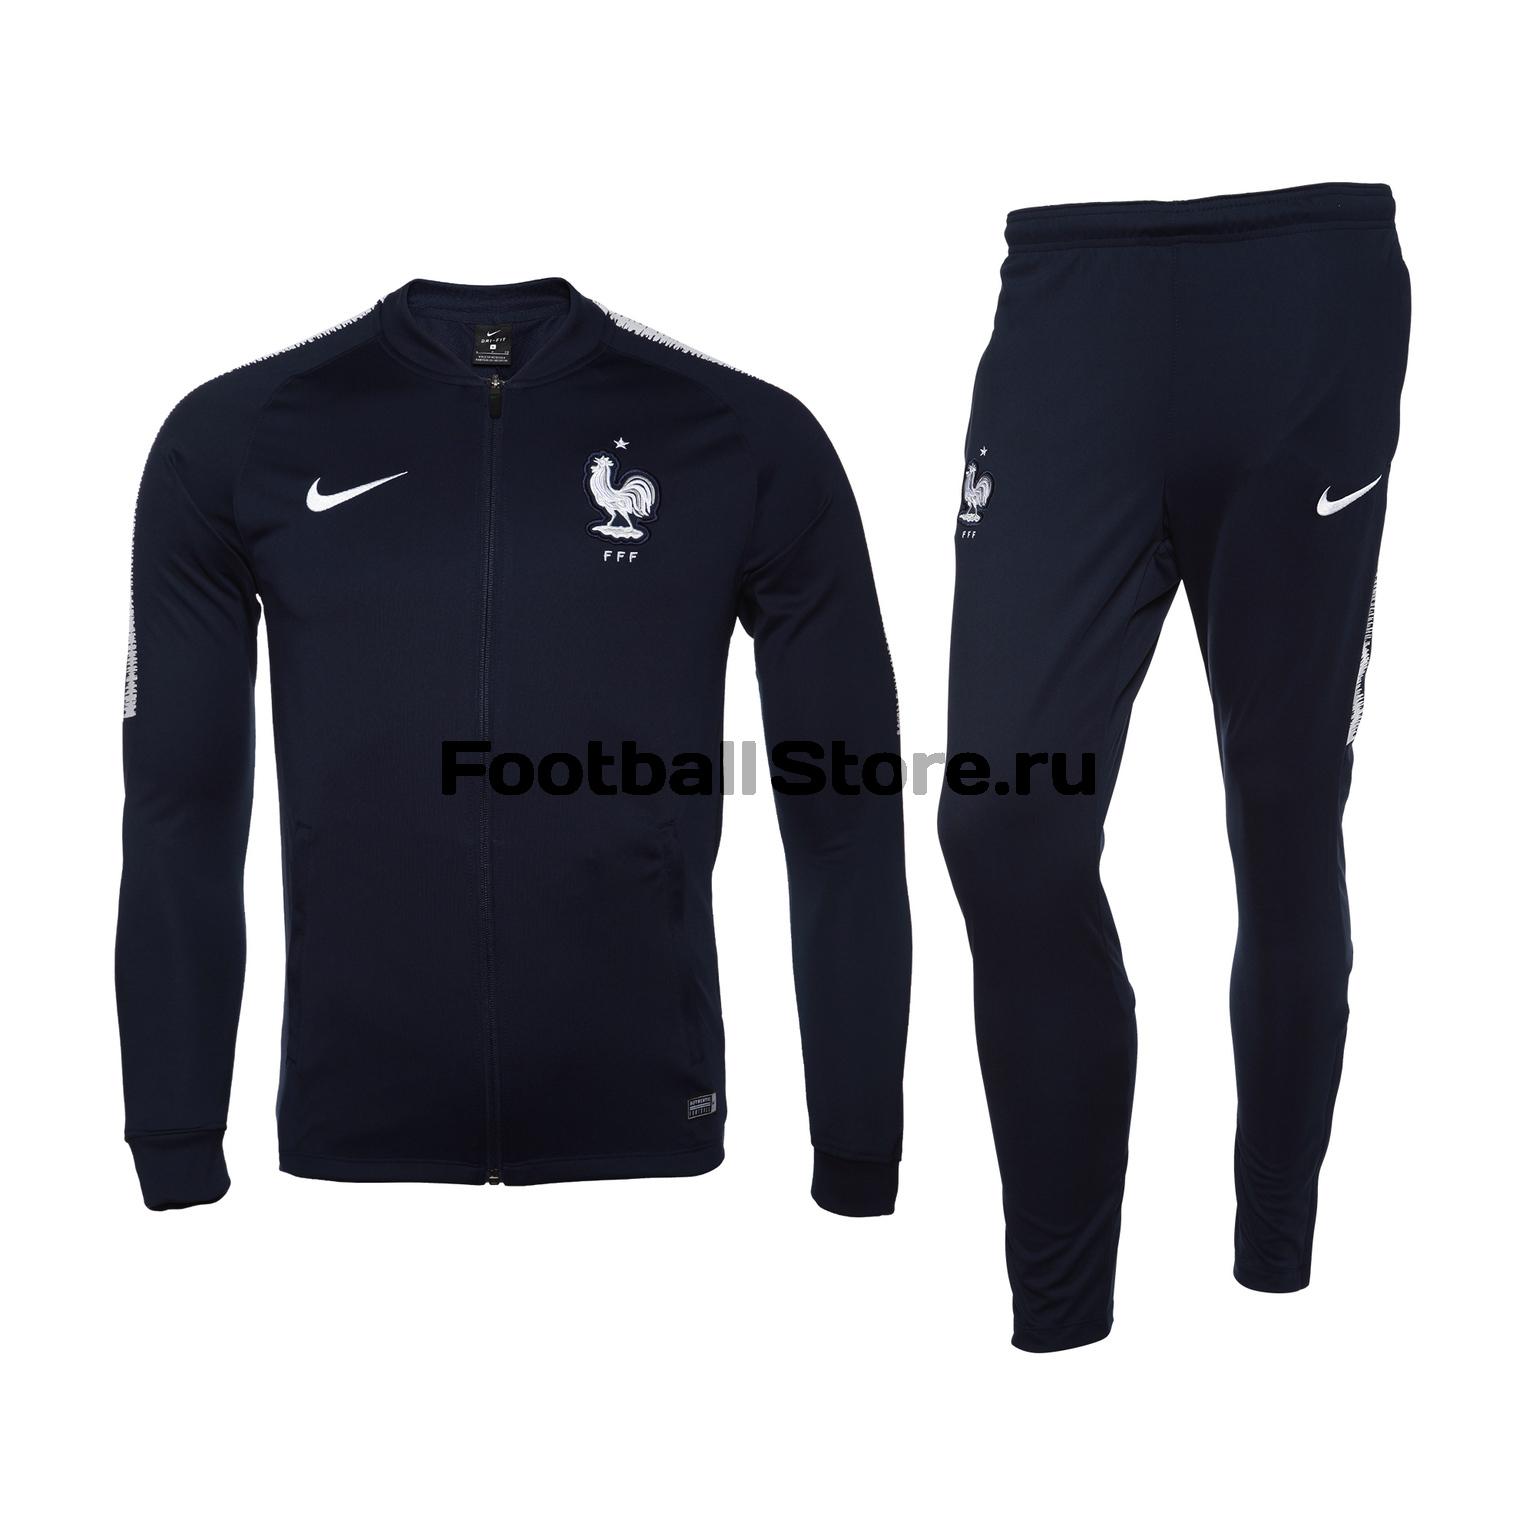 5586dc3e ... Спортивный костюм Nike сборной Франции 893384-451. О ТОВАРЕ; РАСЧЕТ  ДОСТАВКИ